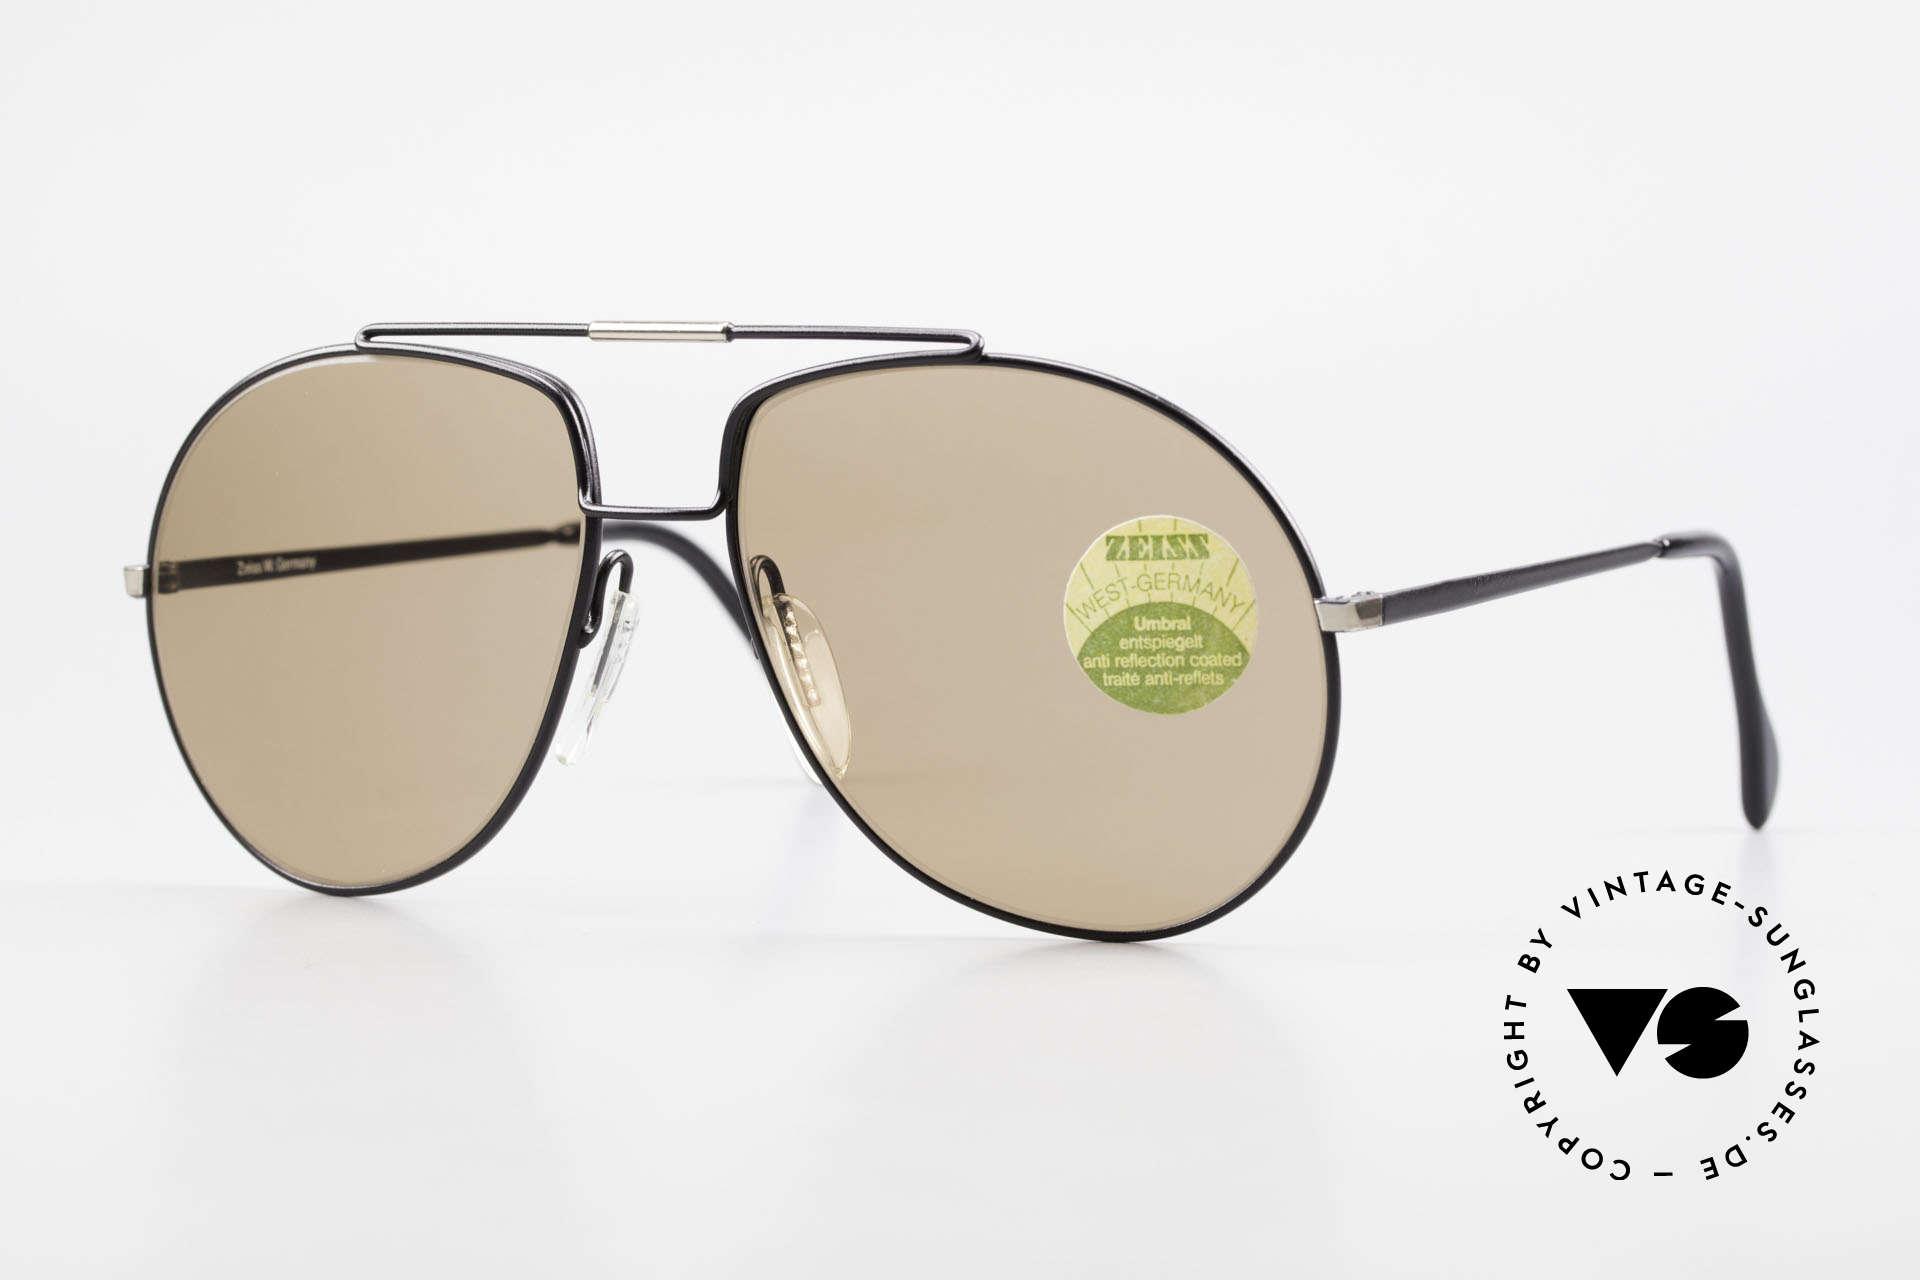 Zeiss 9369 Echt 80er Umbral Mineralglas, klassisches Zeiss Sonnenbrillen-Design der 80er Jahre, Passend für Herren